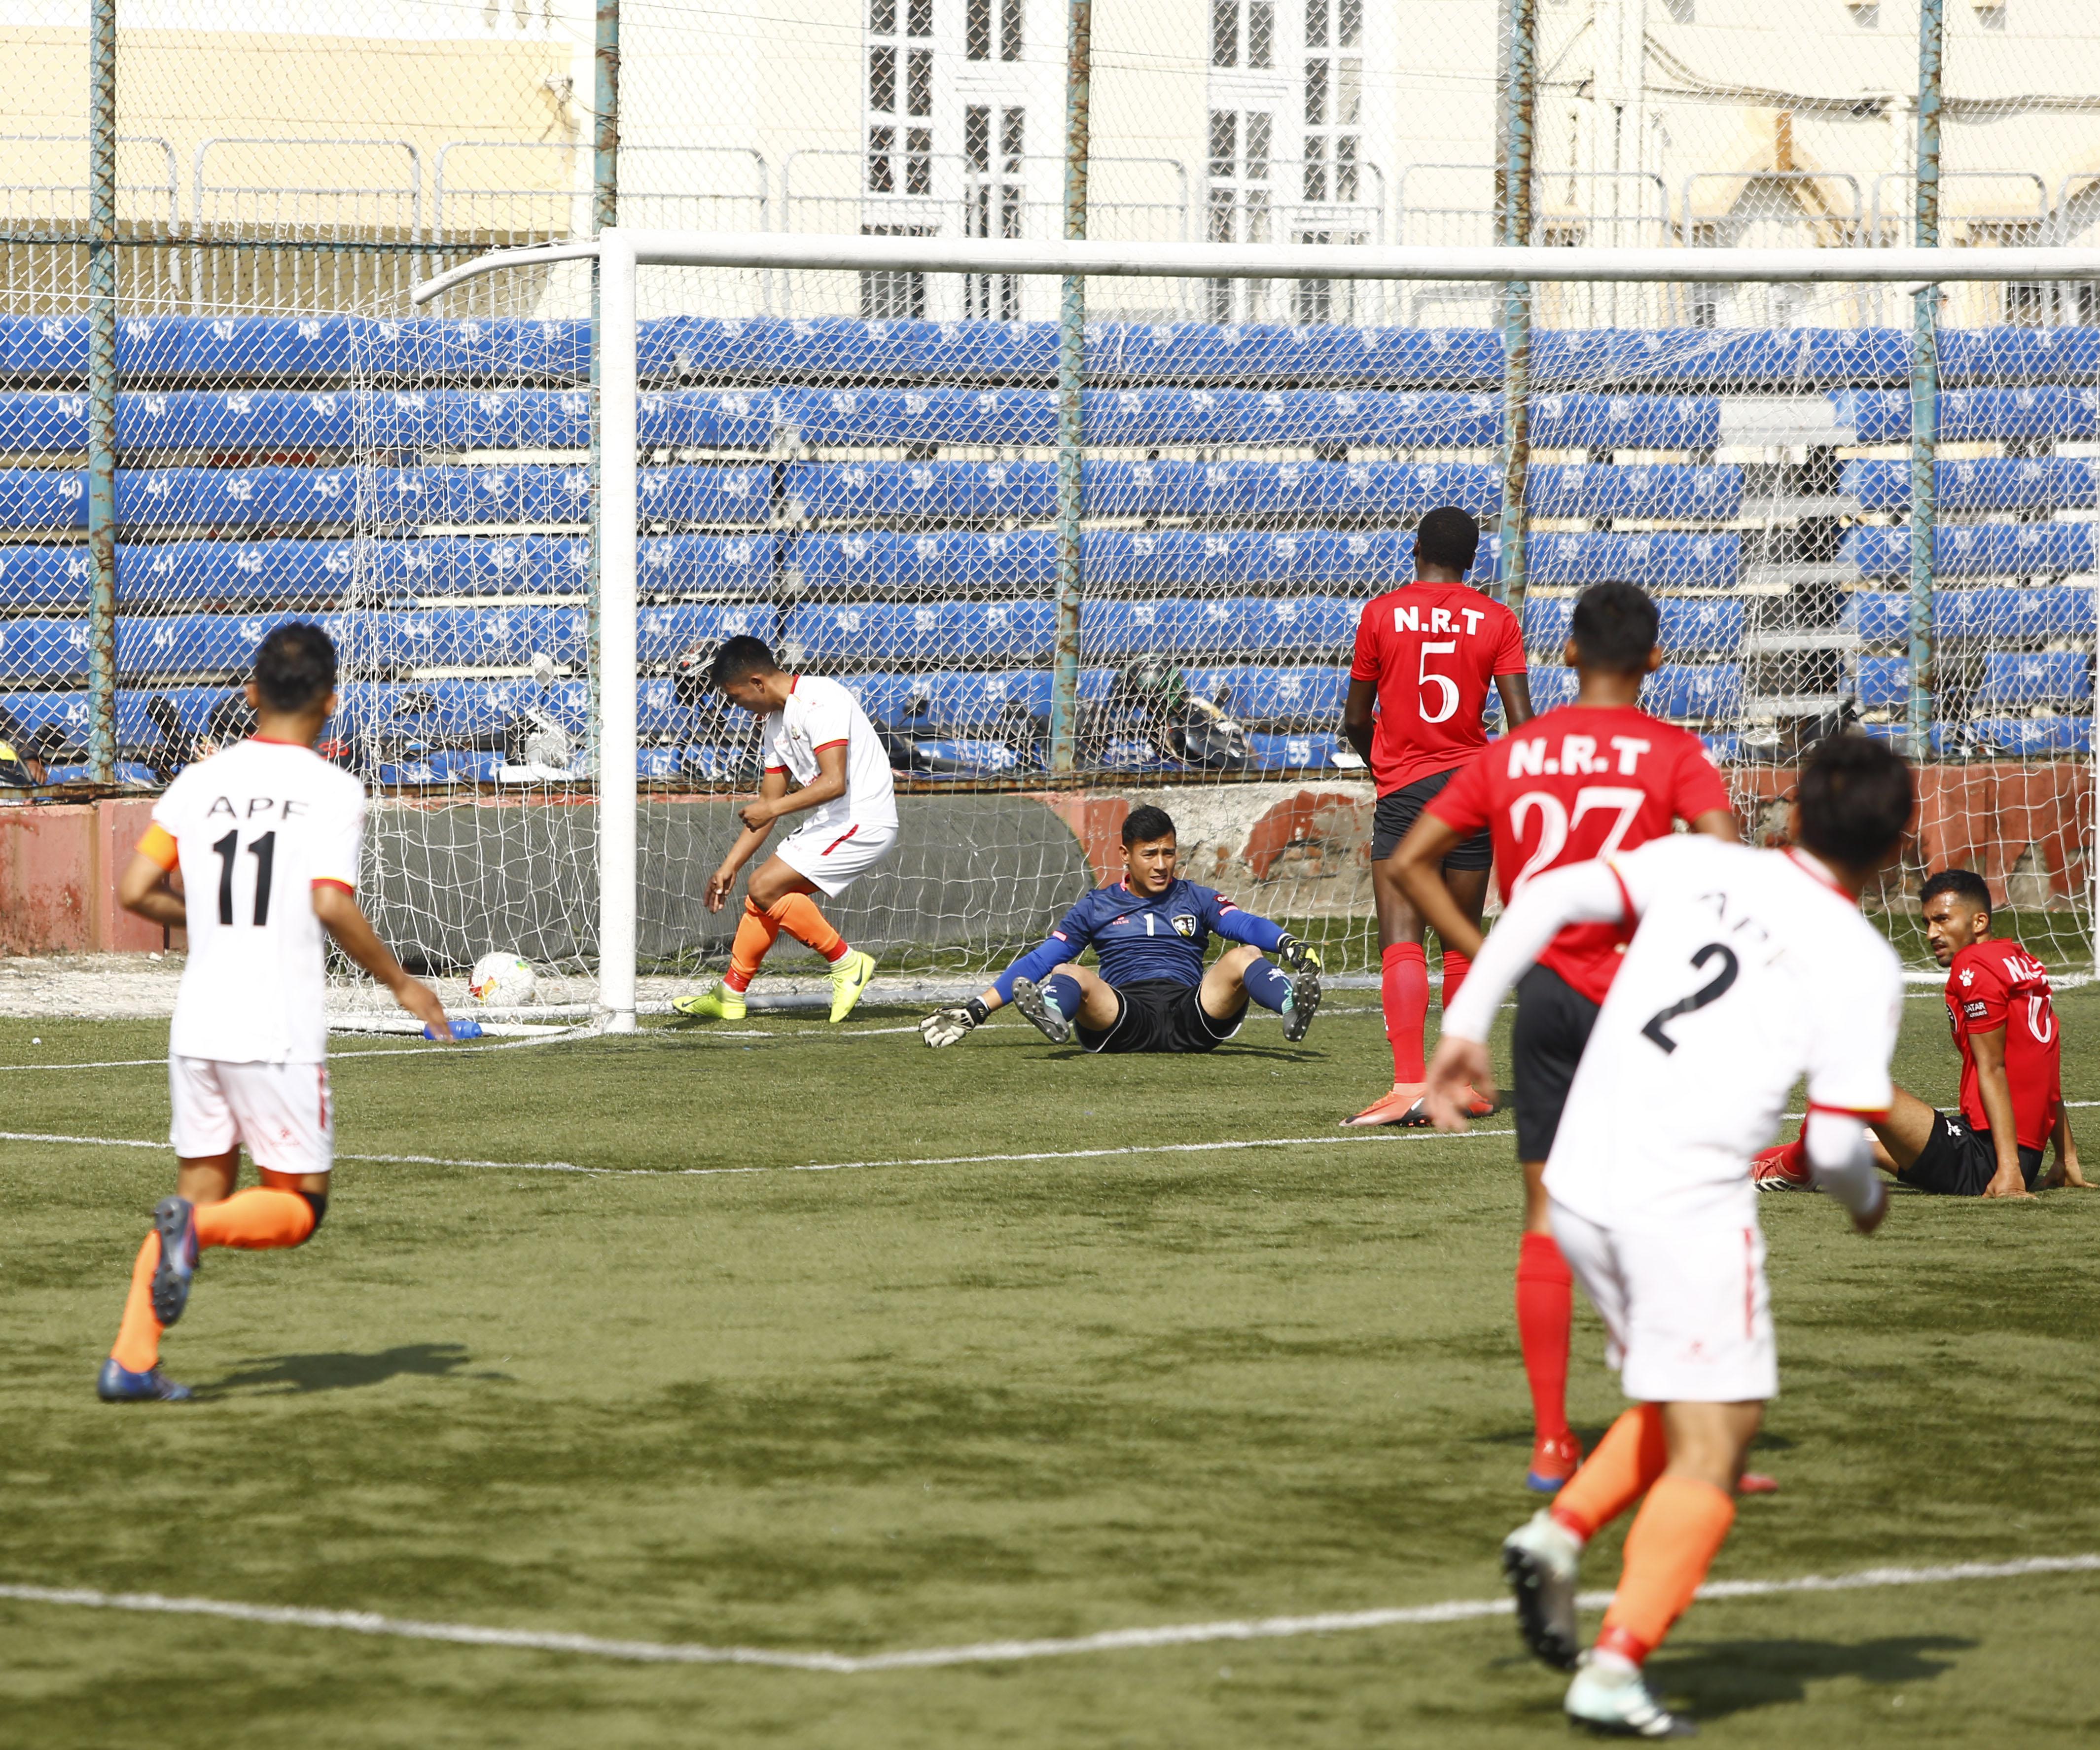 फुटबल – एनआरटीद्वारा विभागीय टोली एपिएफ पराजित